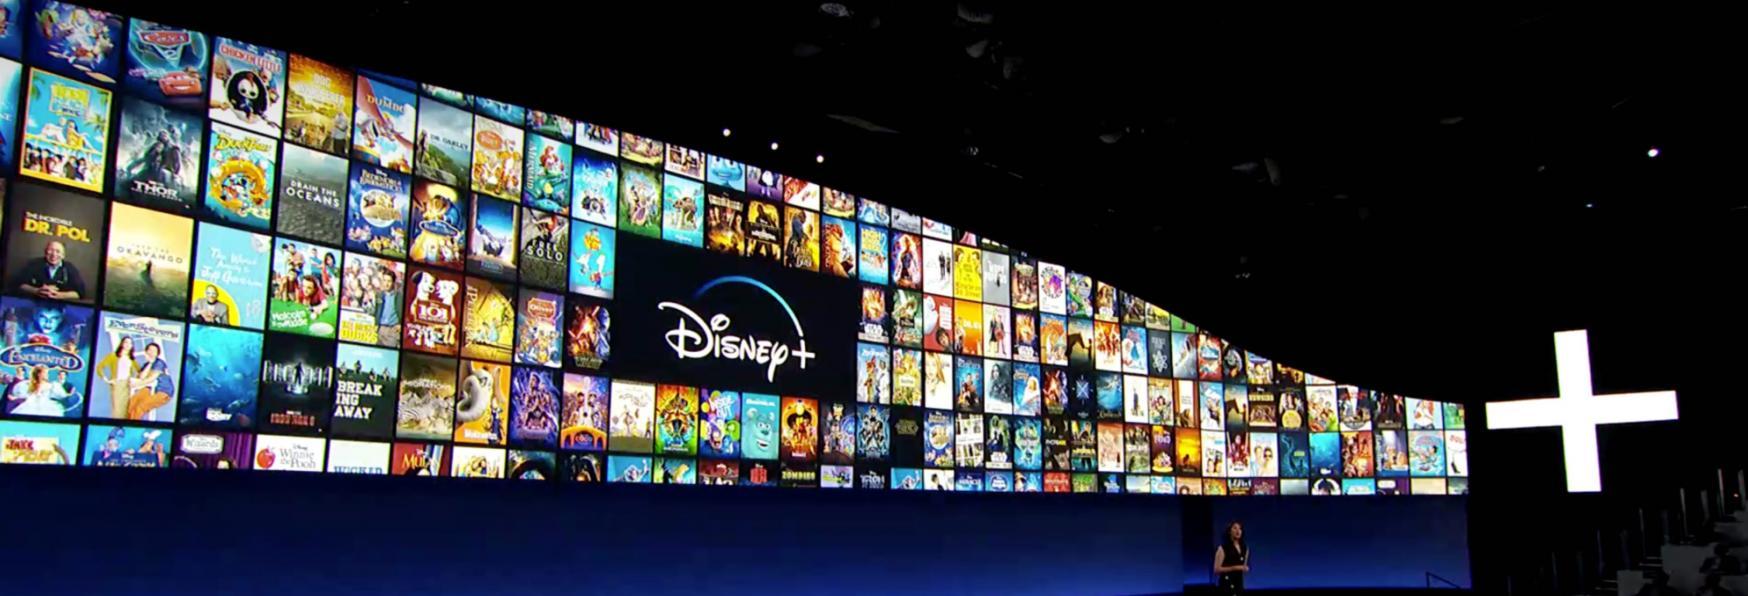 Disney+: la nuova Piattaforma di Streaming ha già 10 Milioni di Iscritti